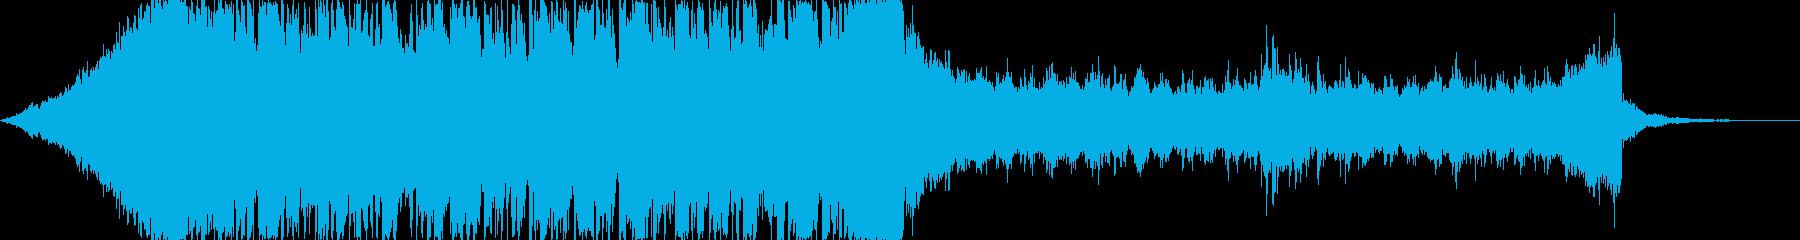 おしゃれクールカッコいいハウステクノCの再生済みの波形